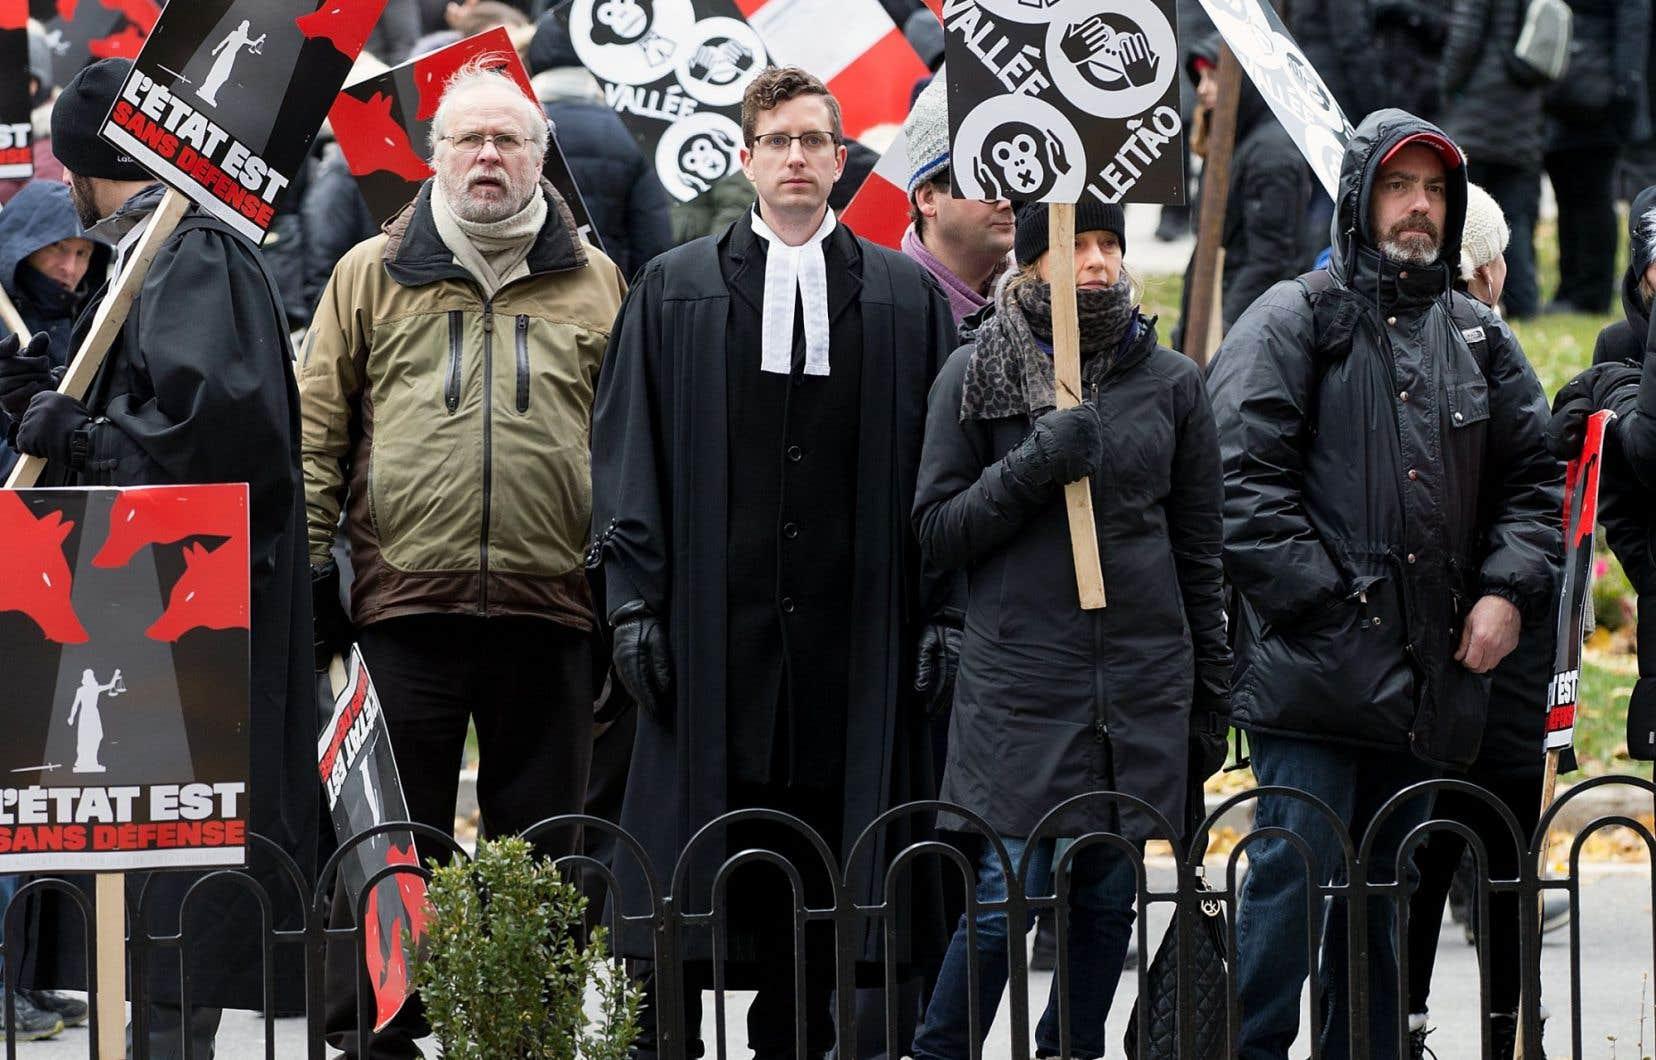 Le 28 novembre dernier, les juristes en grève menaient une manifestation.